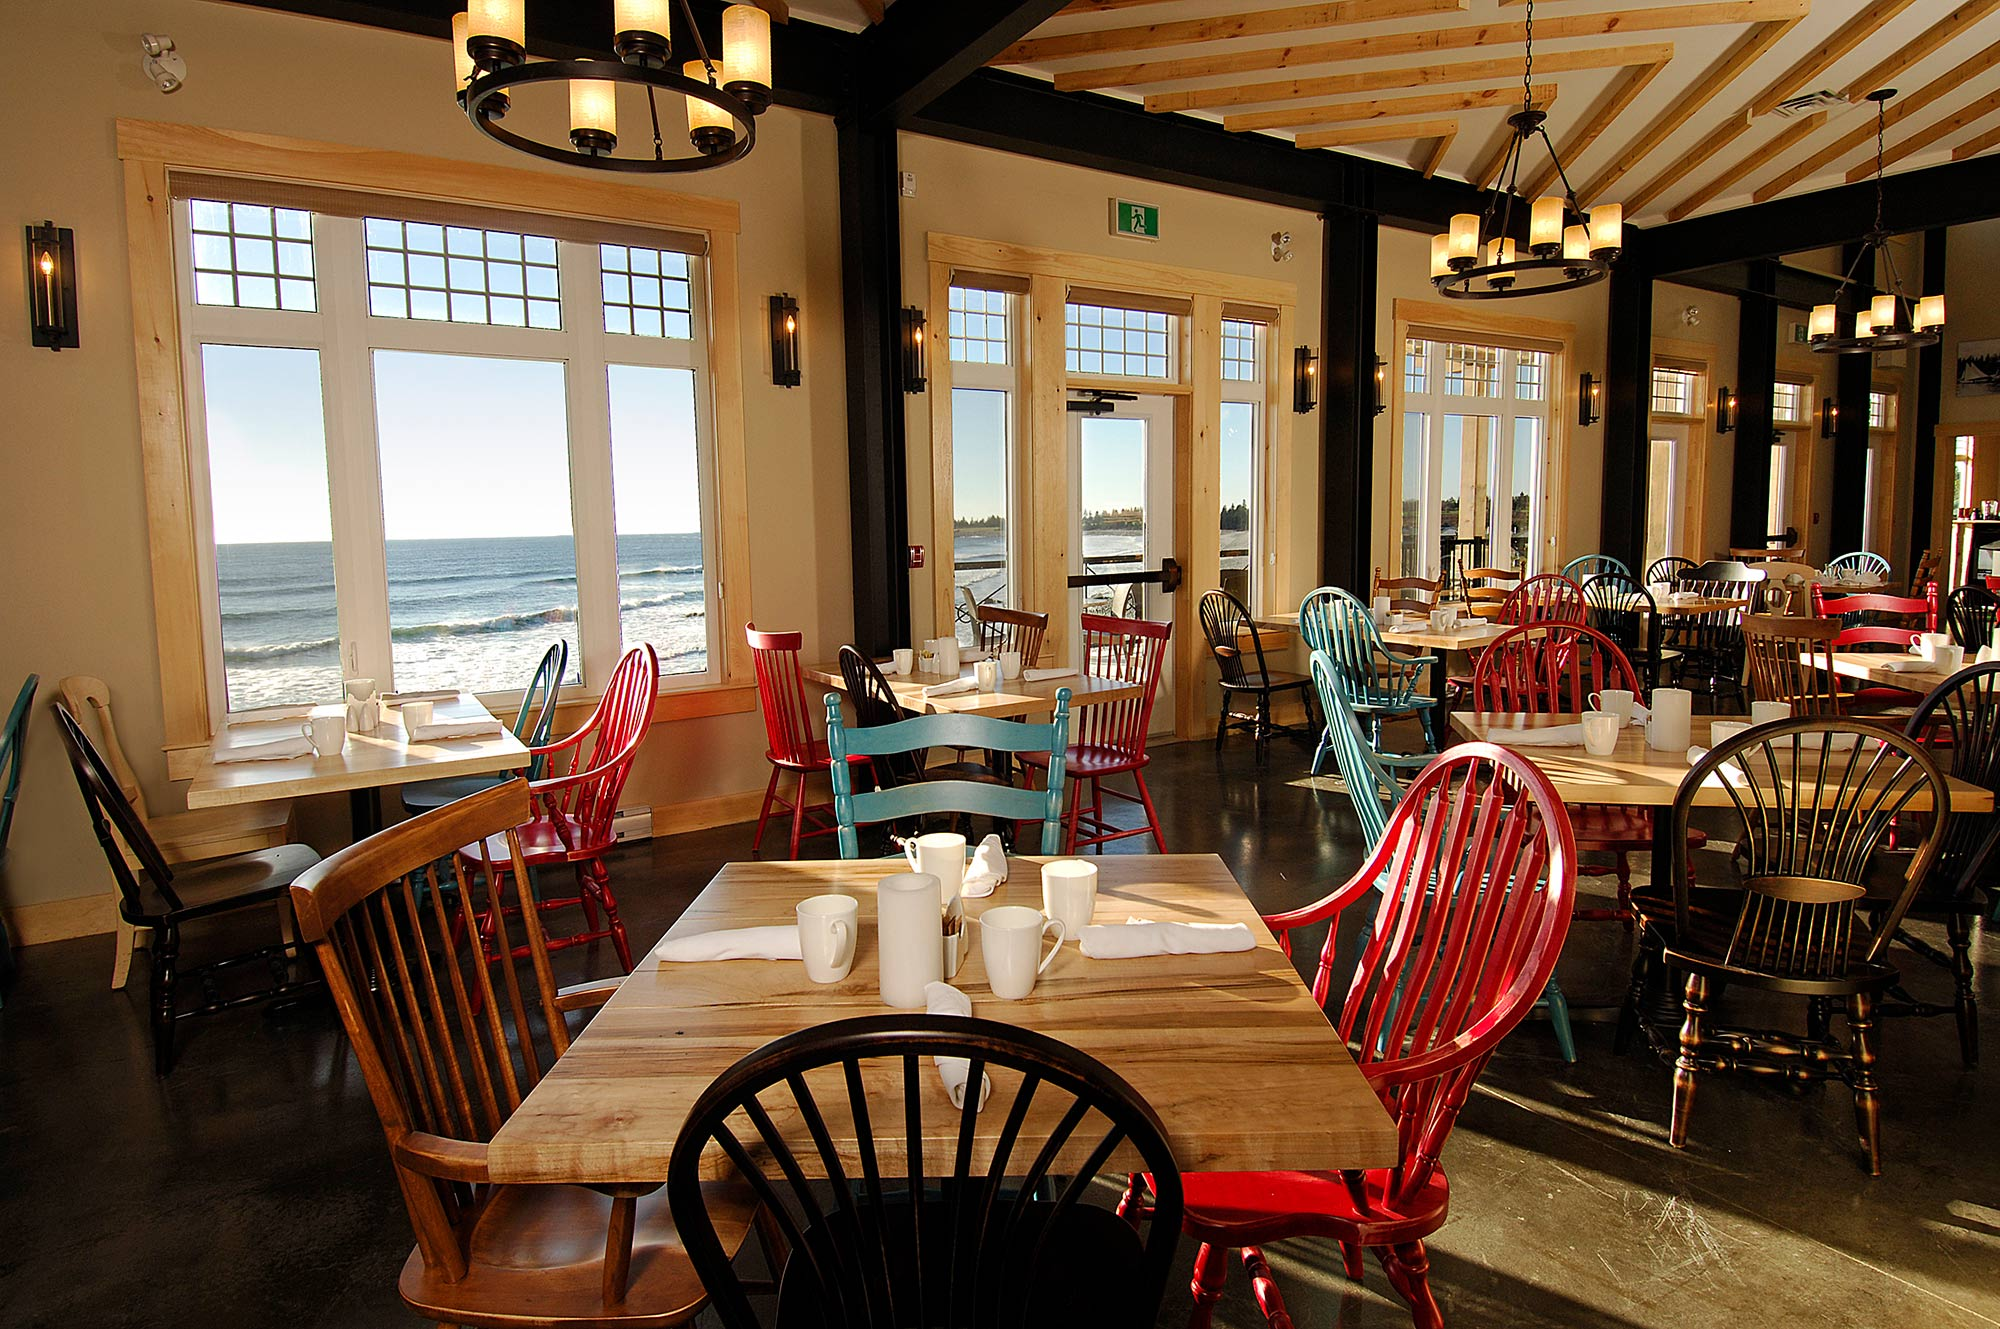 interior-design-restuarant-nova-scotia-dining-ocean-view.jpg